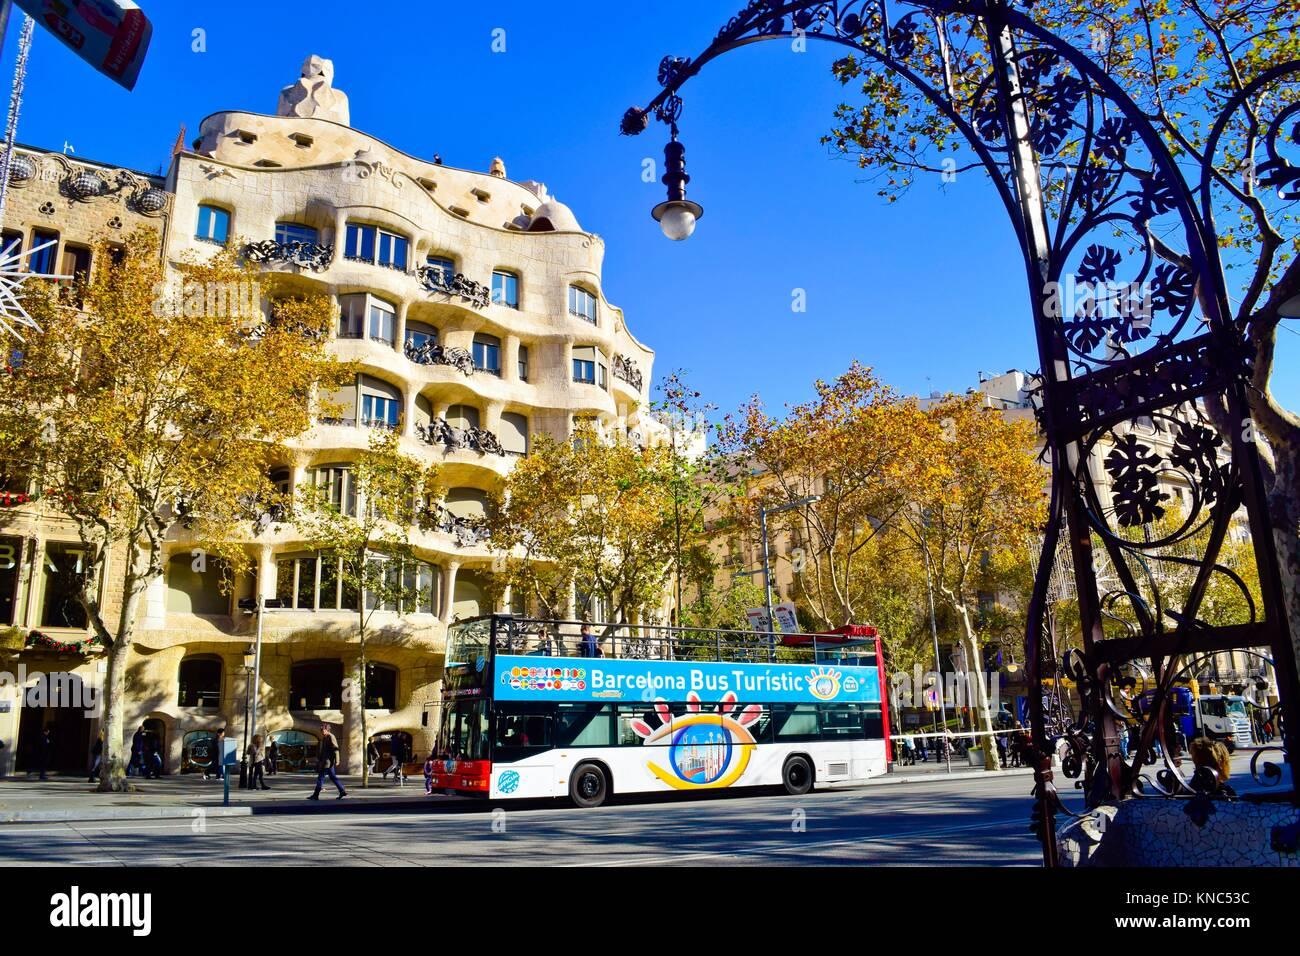 Barcelona Bus Turístic en face de la Casa Milà, plus connue sous le nom de La Pedrera. Conçu par Photo Stock